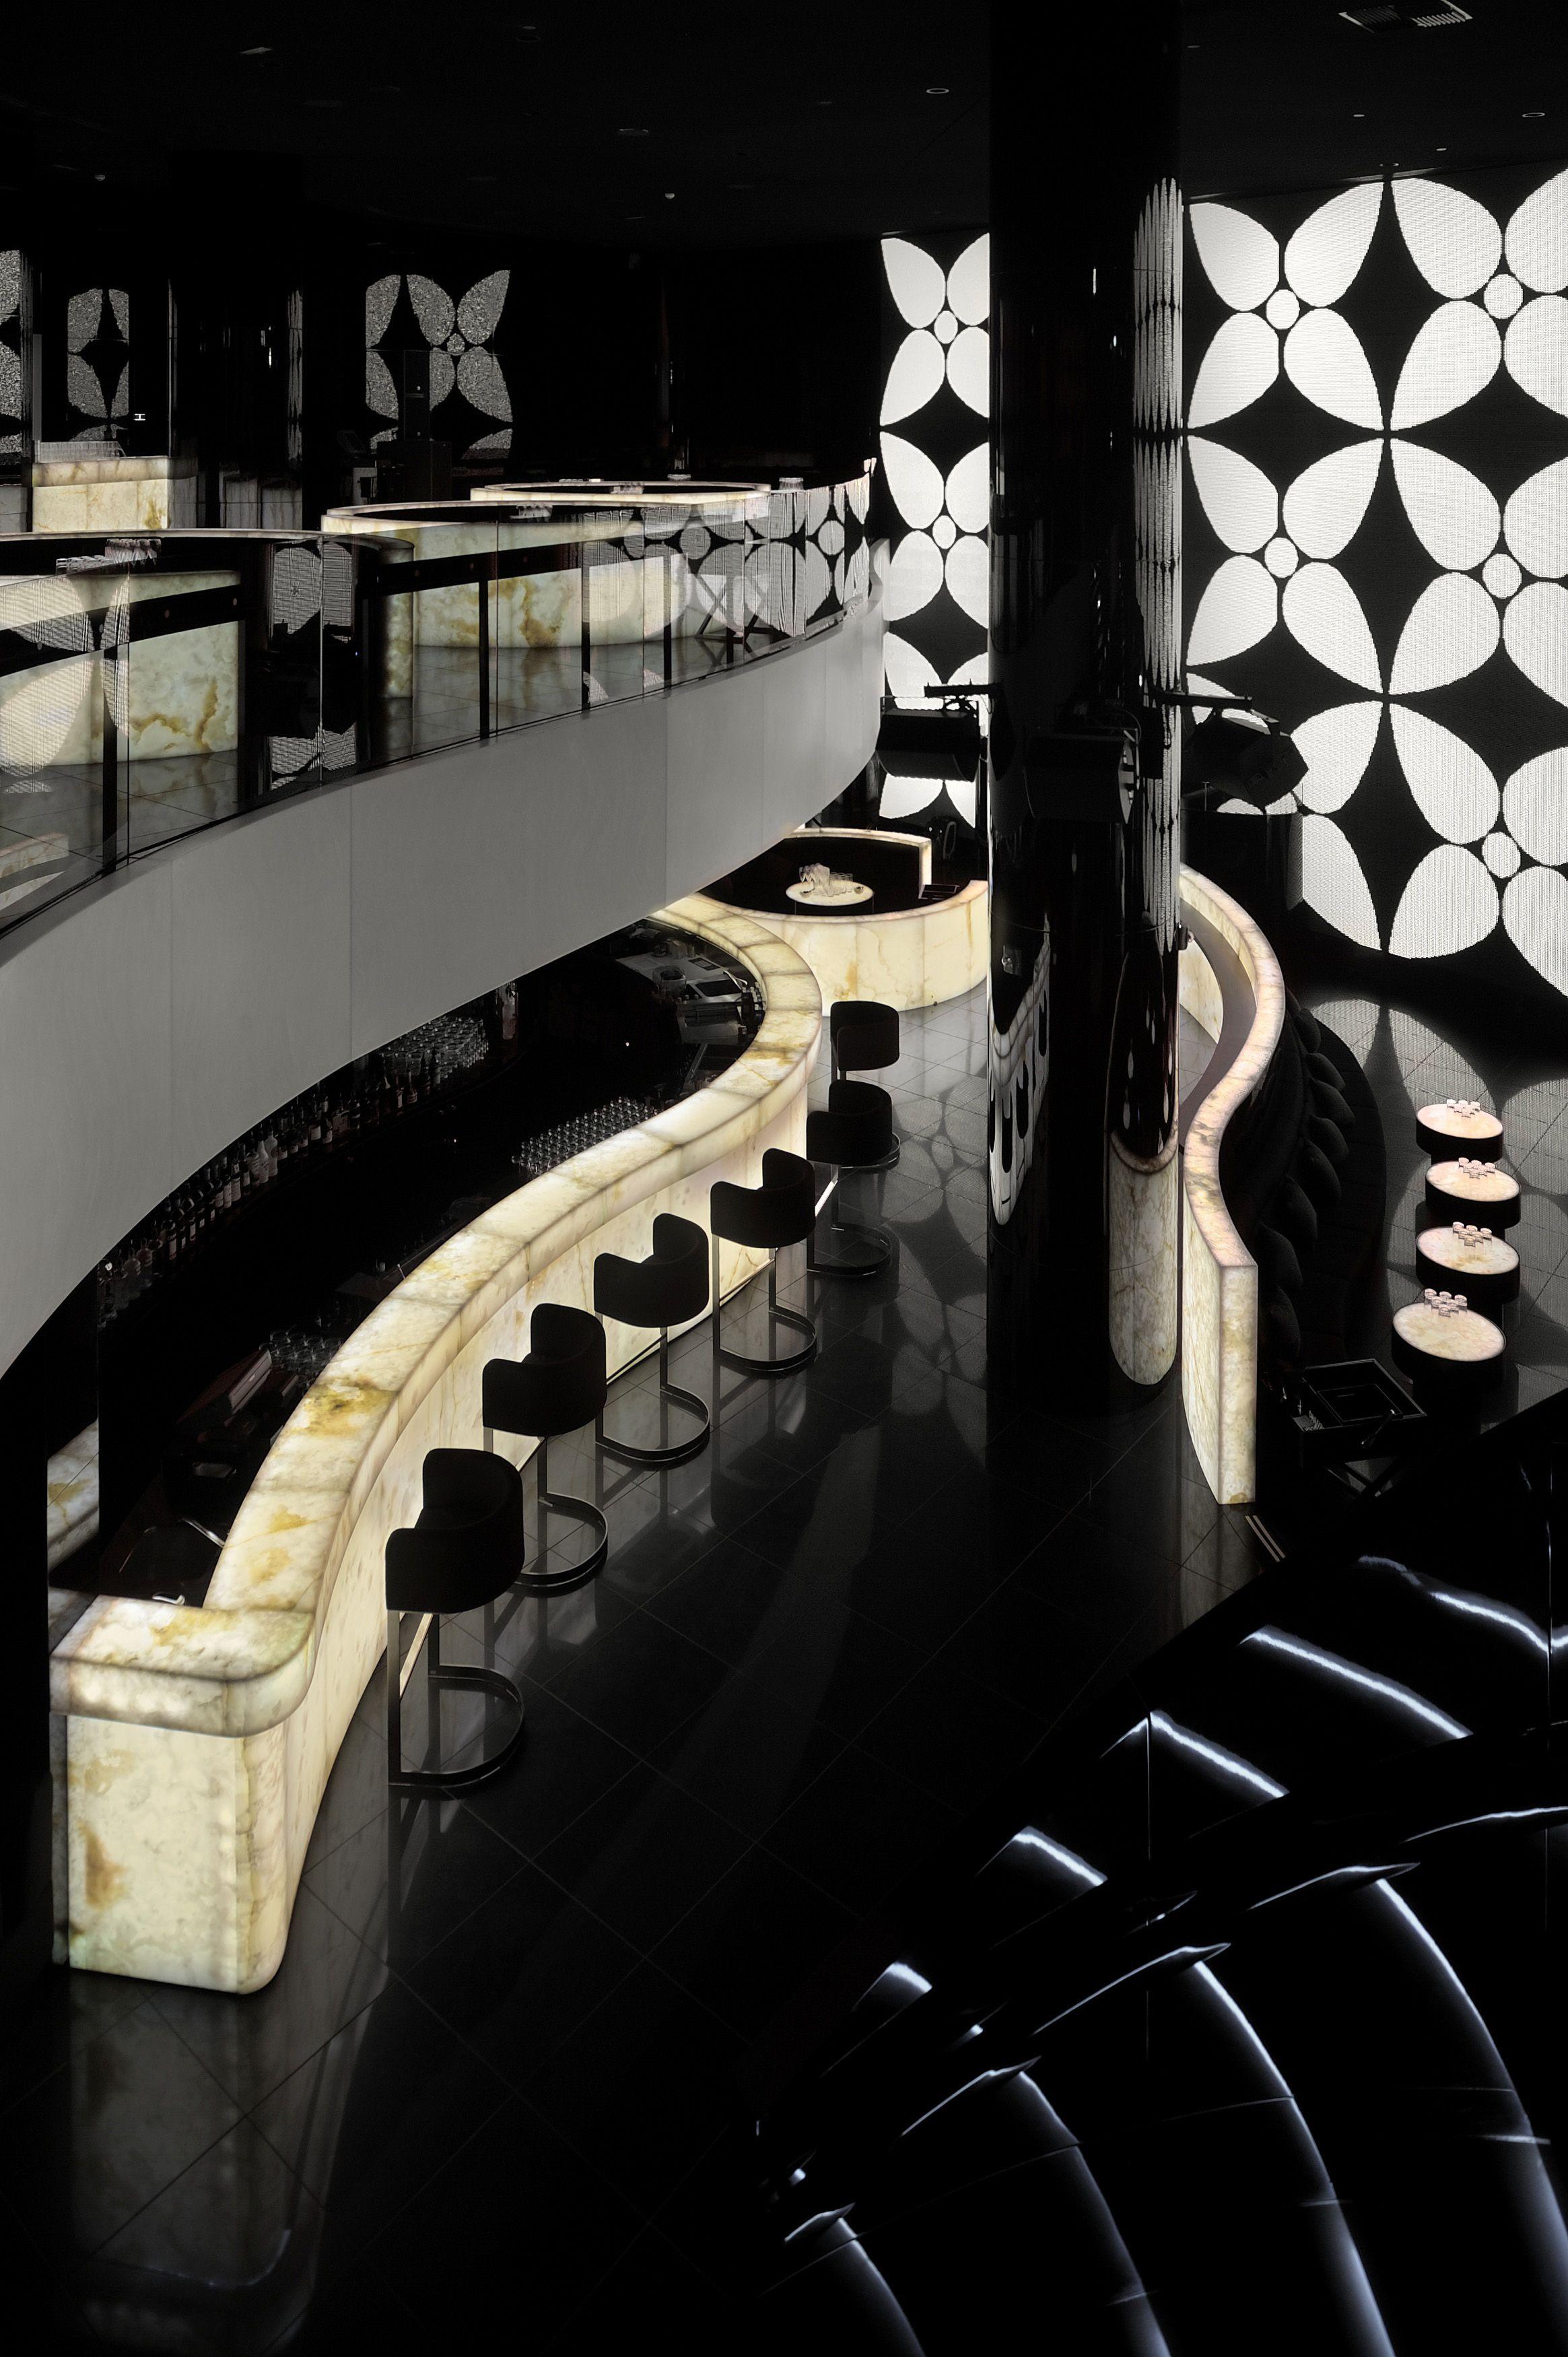 atribute to design: armani prive. armani hotel in dubai. photo